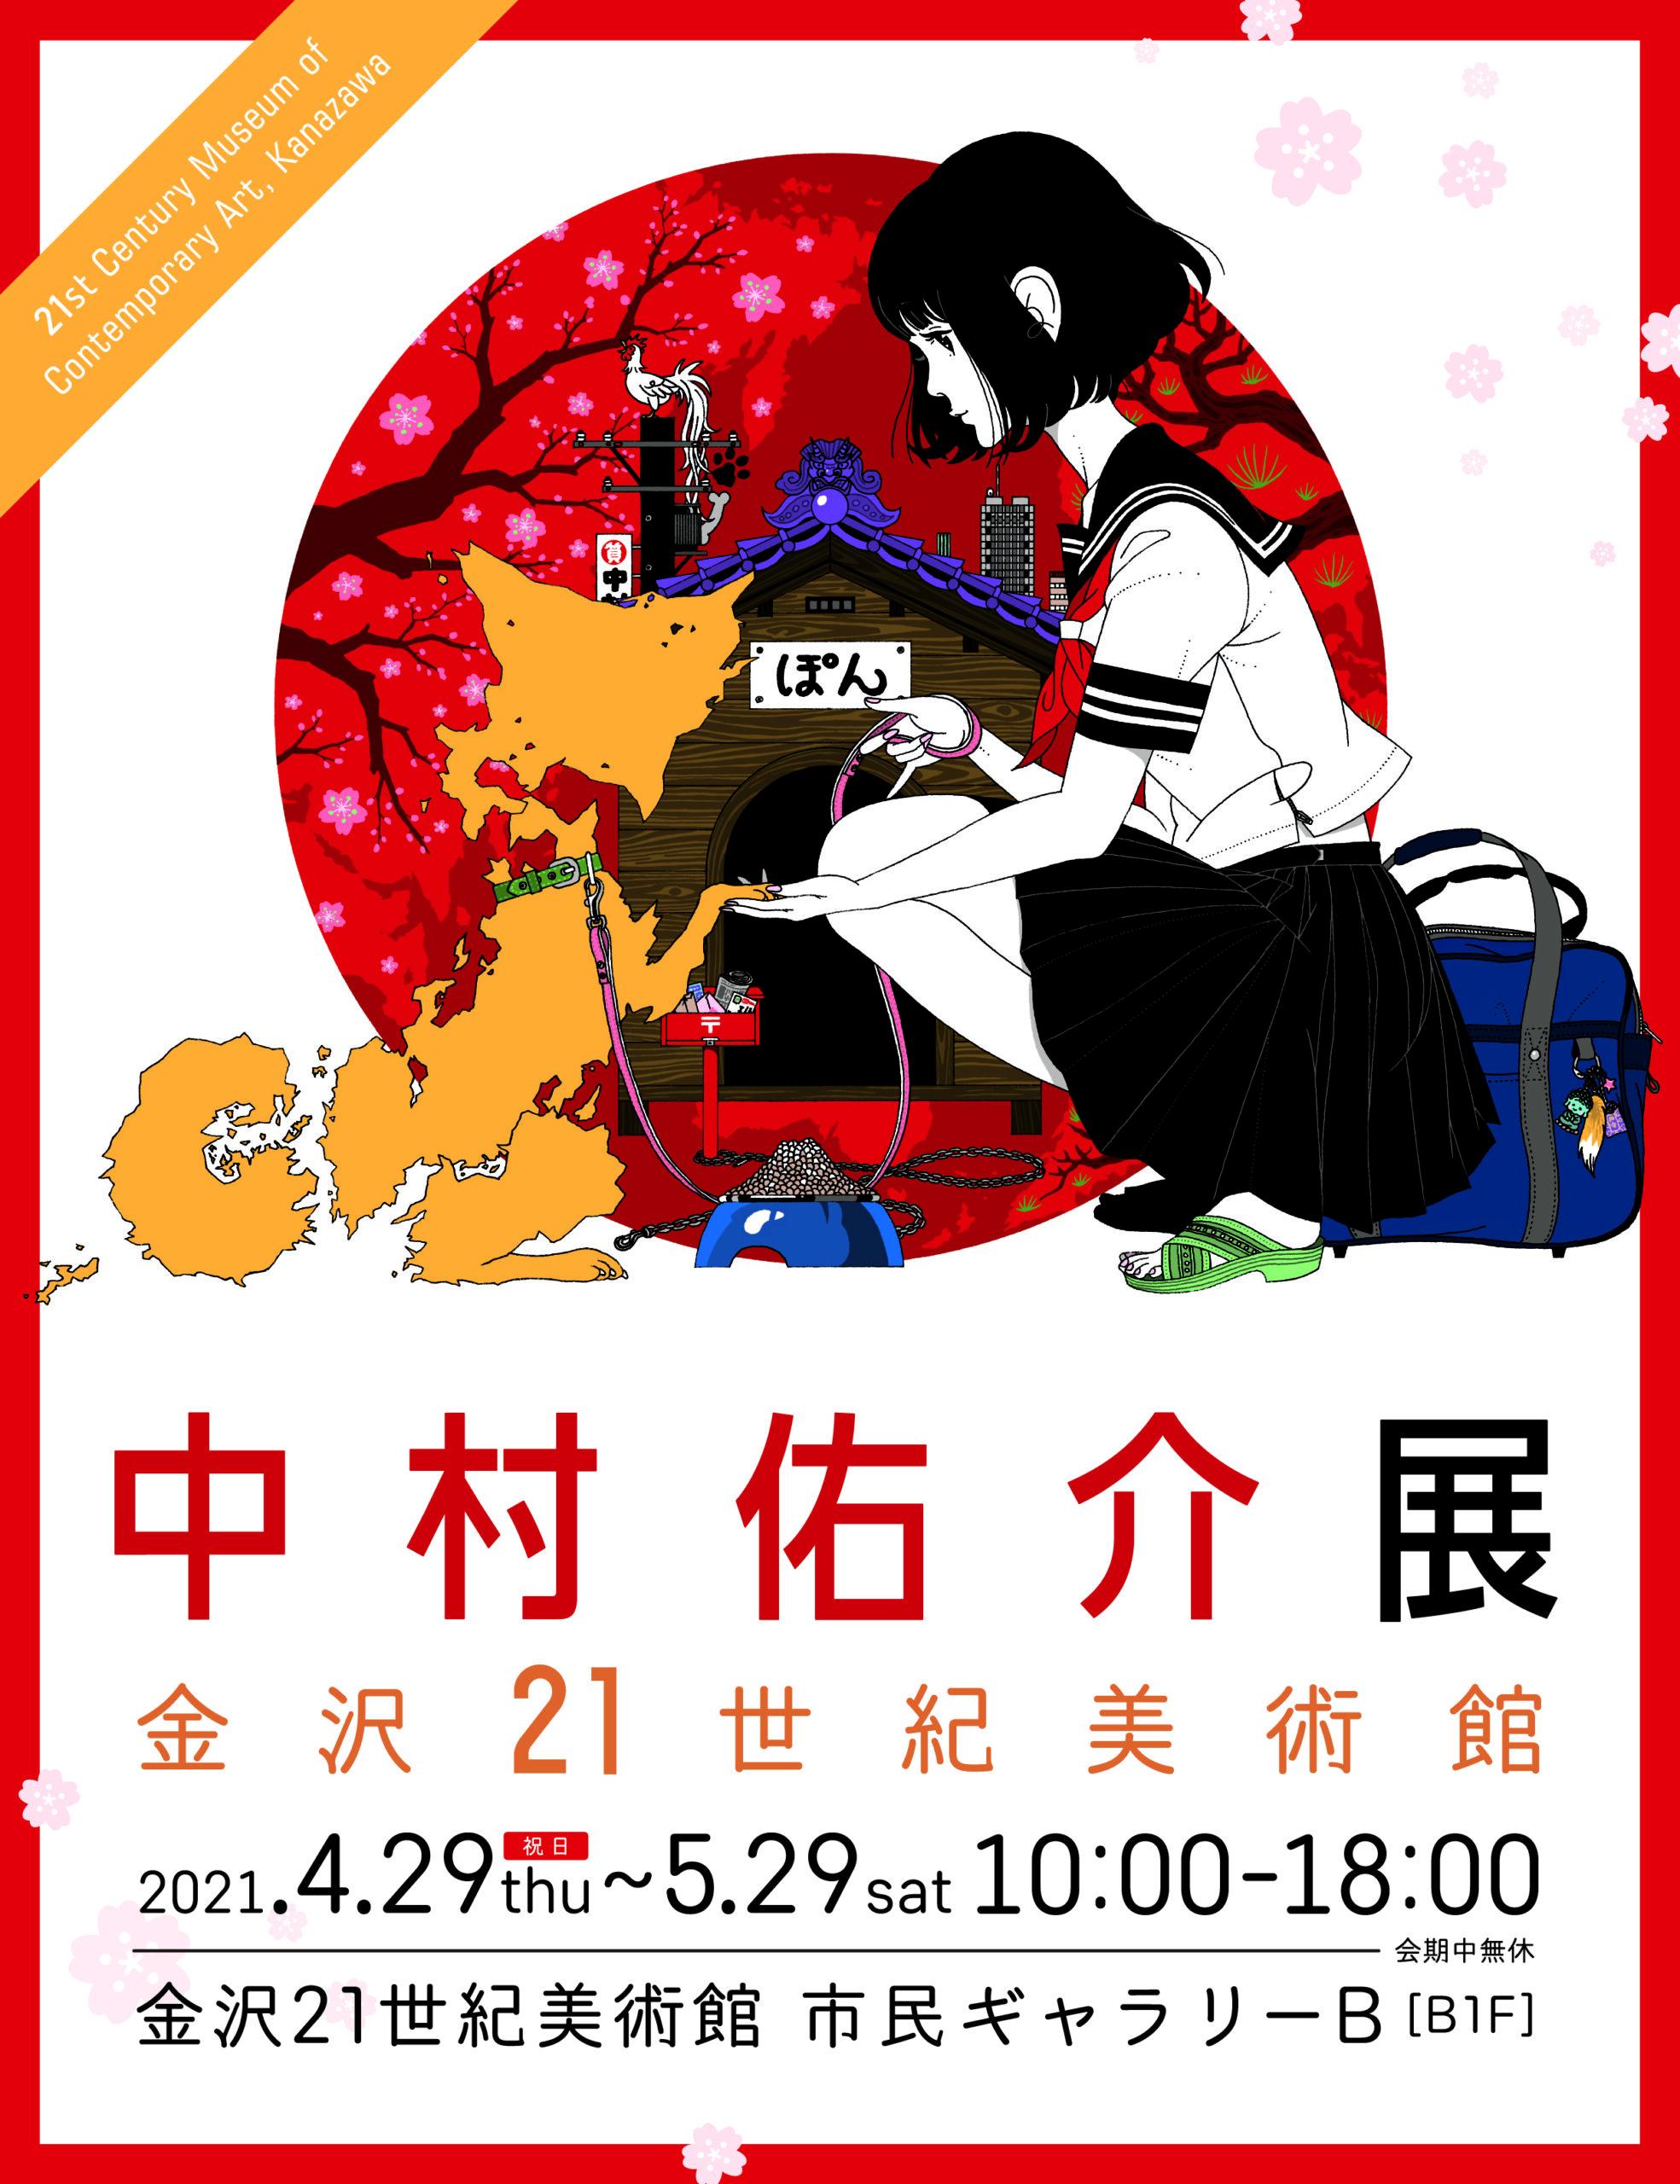 イラストレーター活動の軌跡を一挙公開する「中村佑介展」